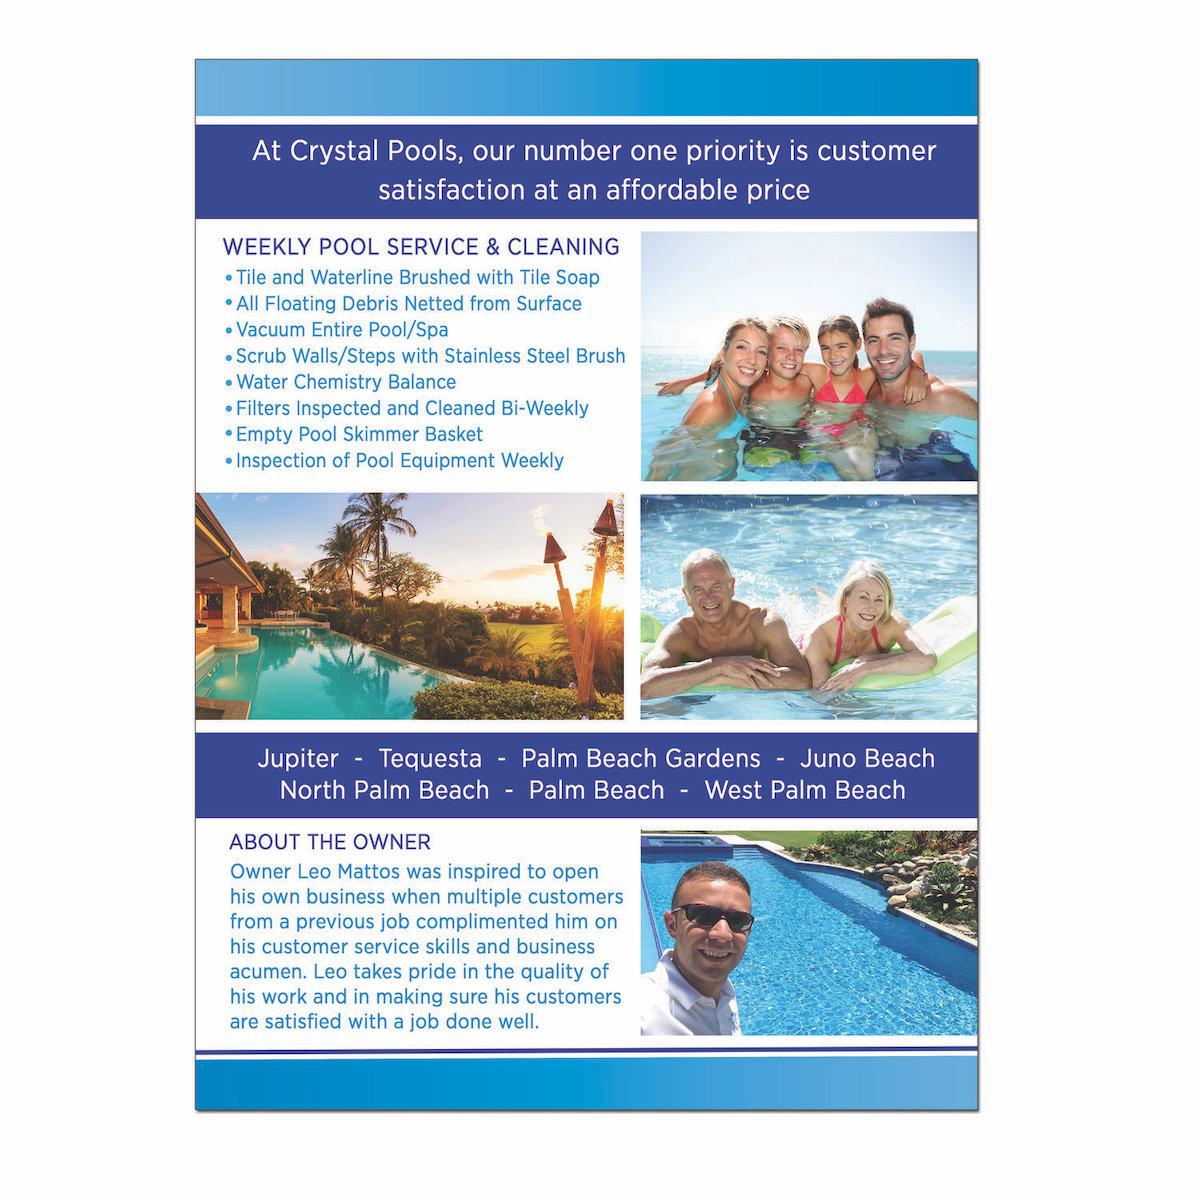 Crystal Pools Flyer Design